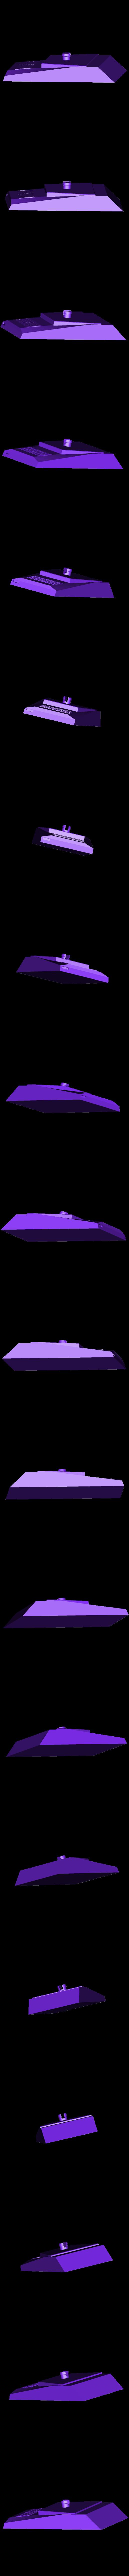 tank3.stl Télécharger fichier STL gratuit Z Réservoir • Modèle imprimable en 3D, Zortrax